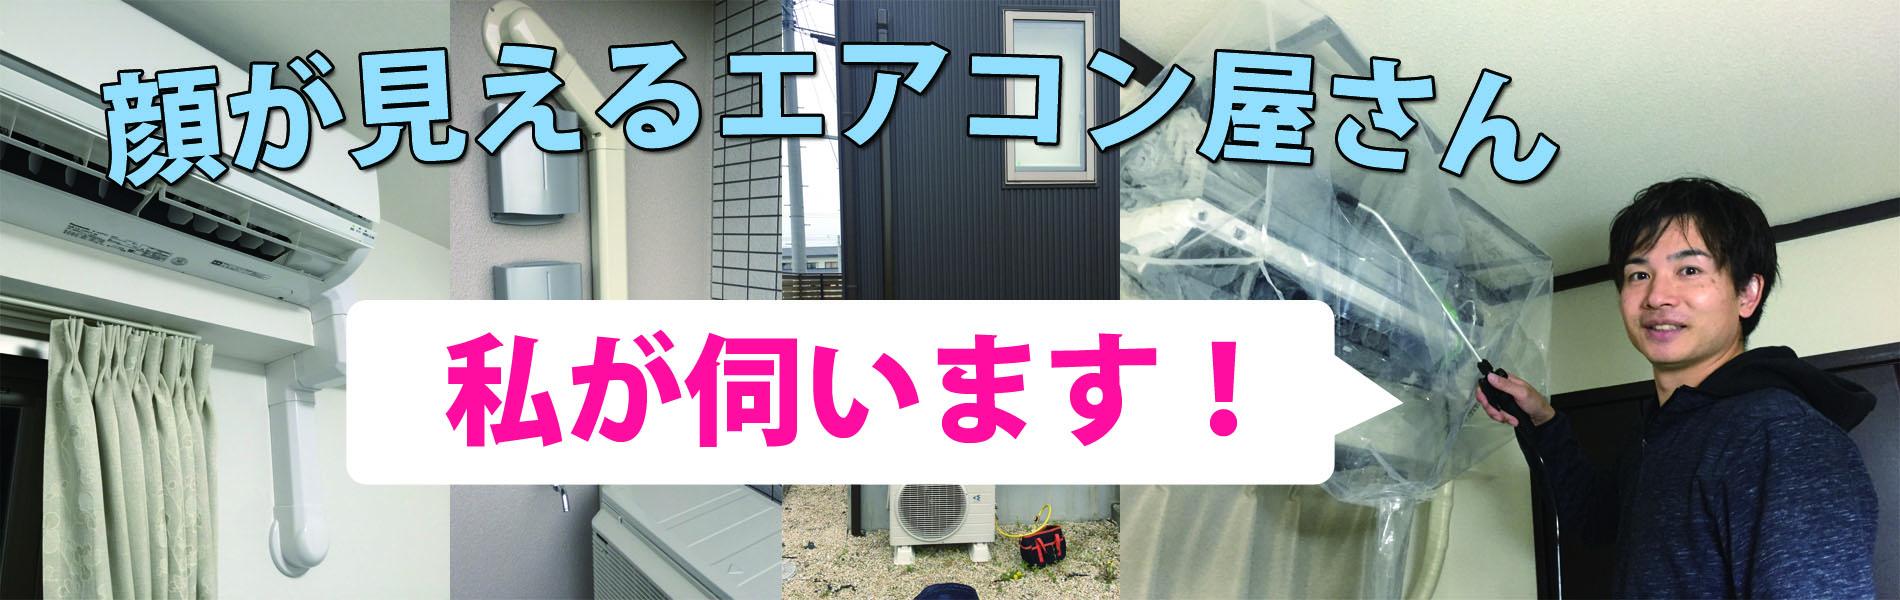 愛知県名古屋市のエアコン取り付け工事業者のECサービスは、顔が見えるエアコン屋さんですので安心です。